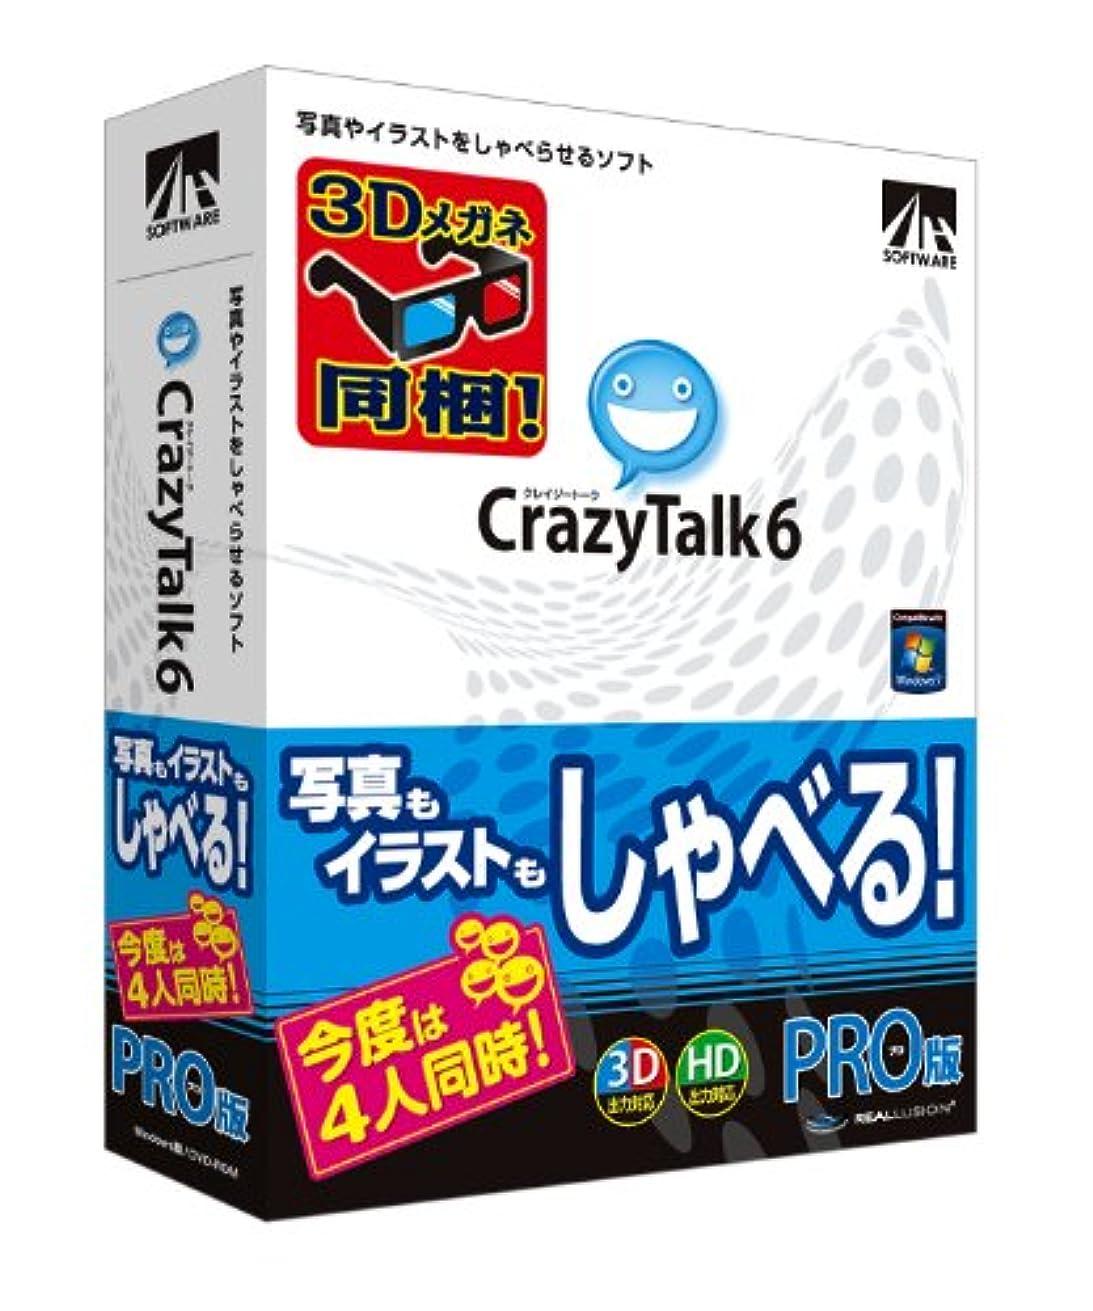 キャプションノート公式CrazyTalk 6 PRO